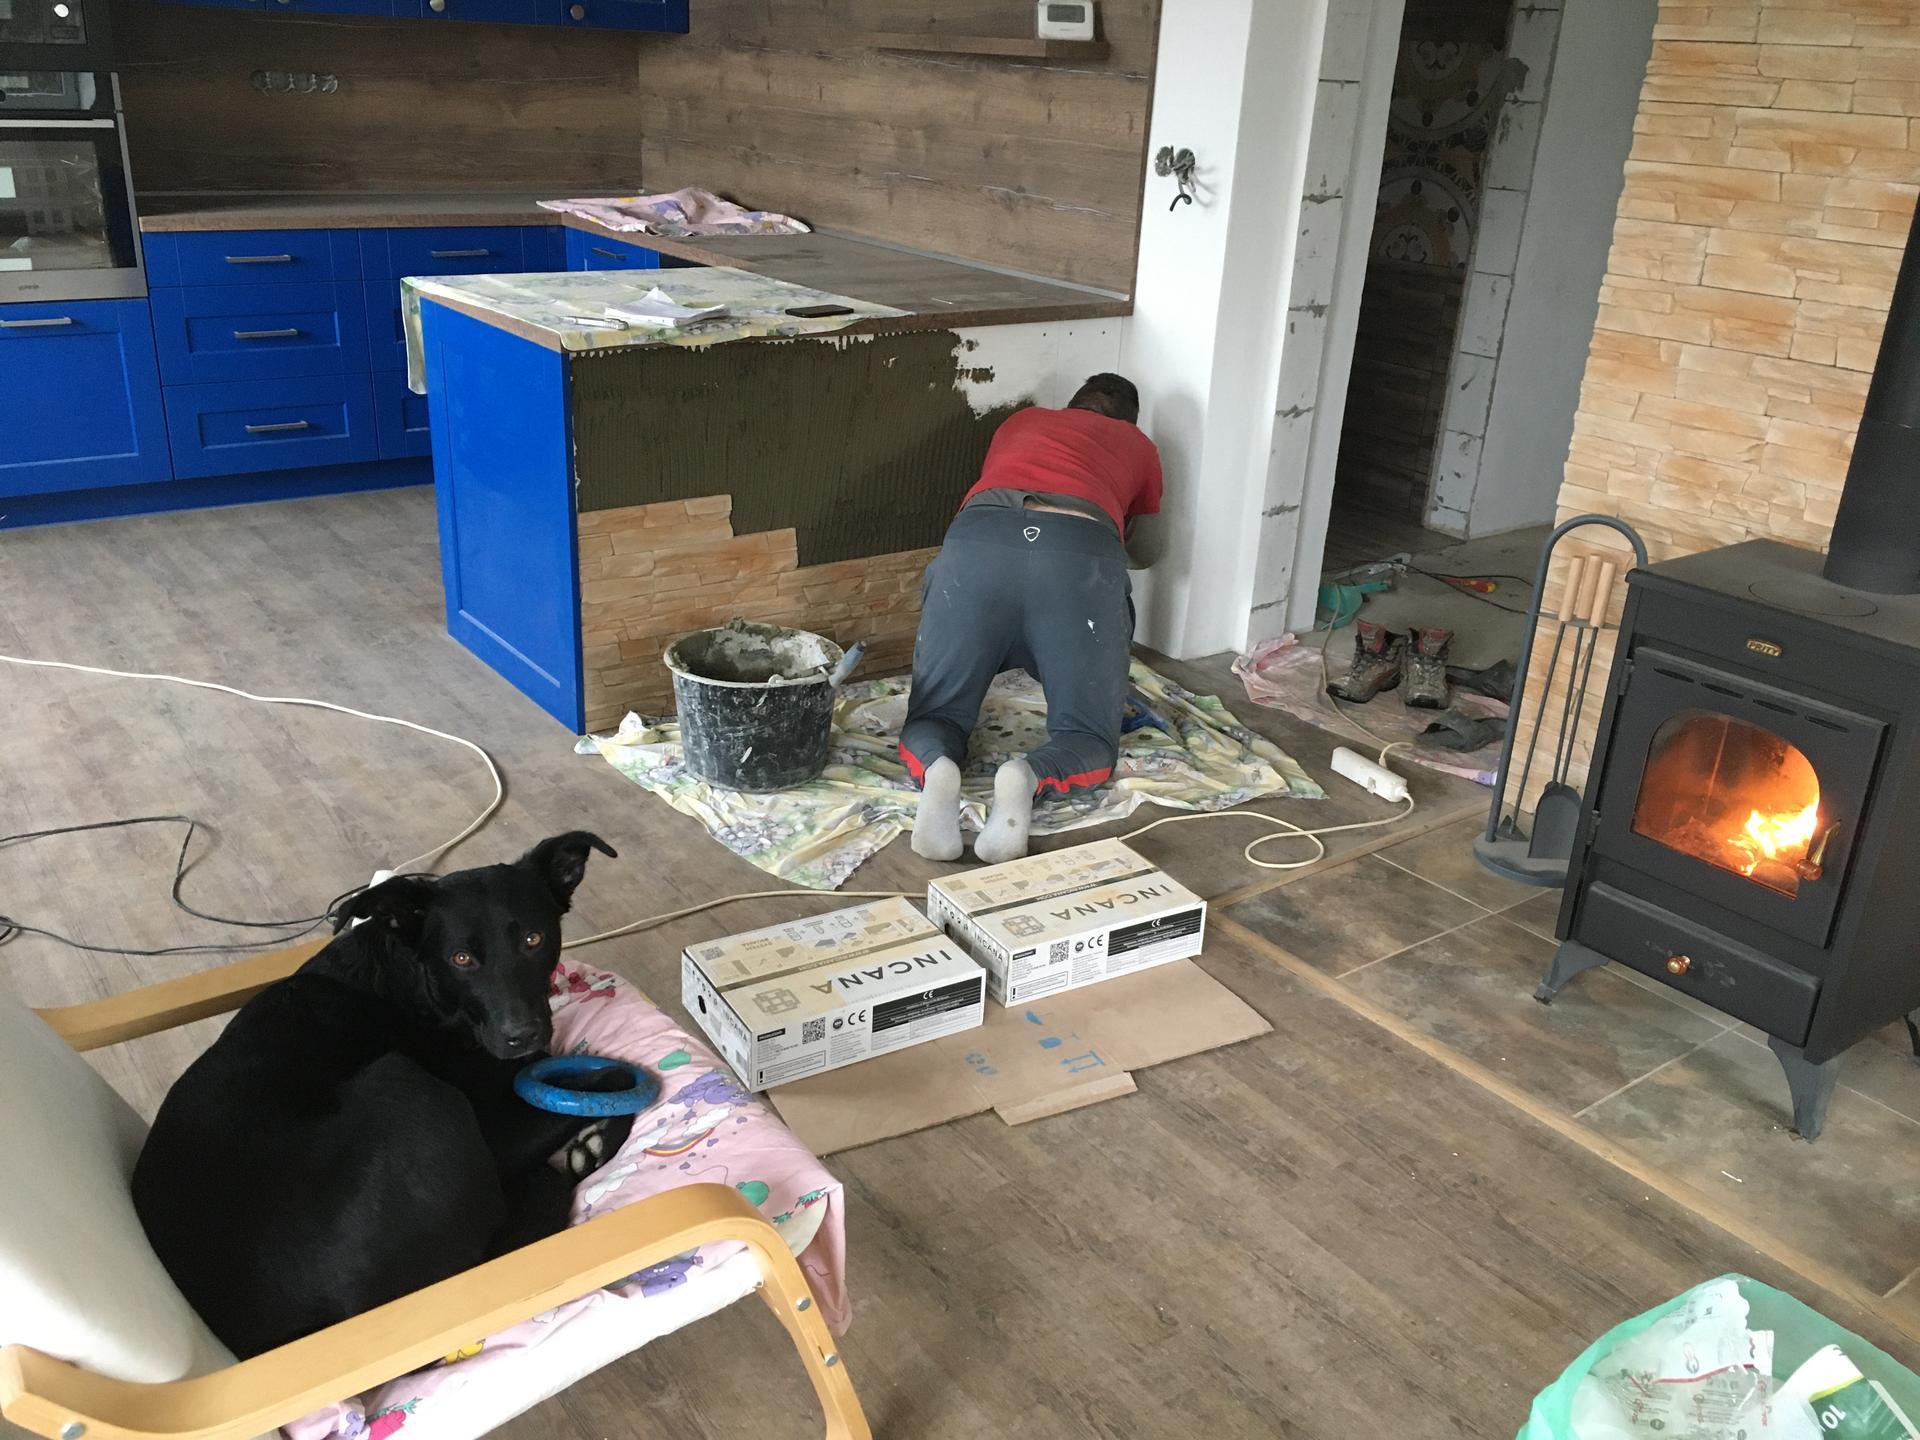 Rekonstrukce 🏡 20/21 - Obložení kuchyně kamenem